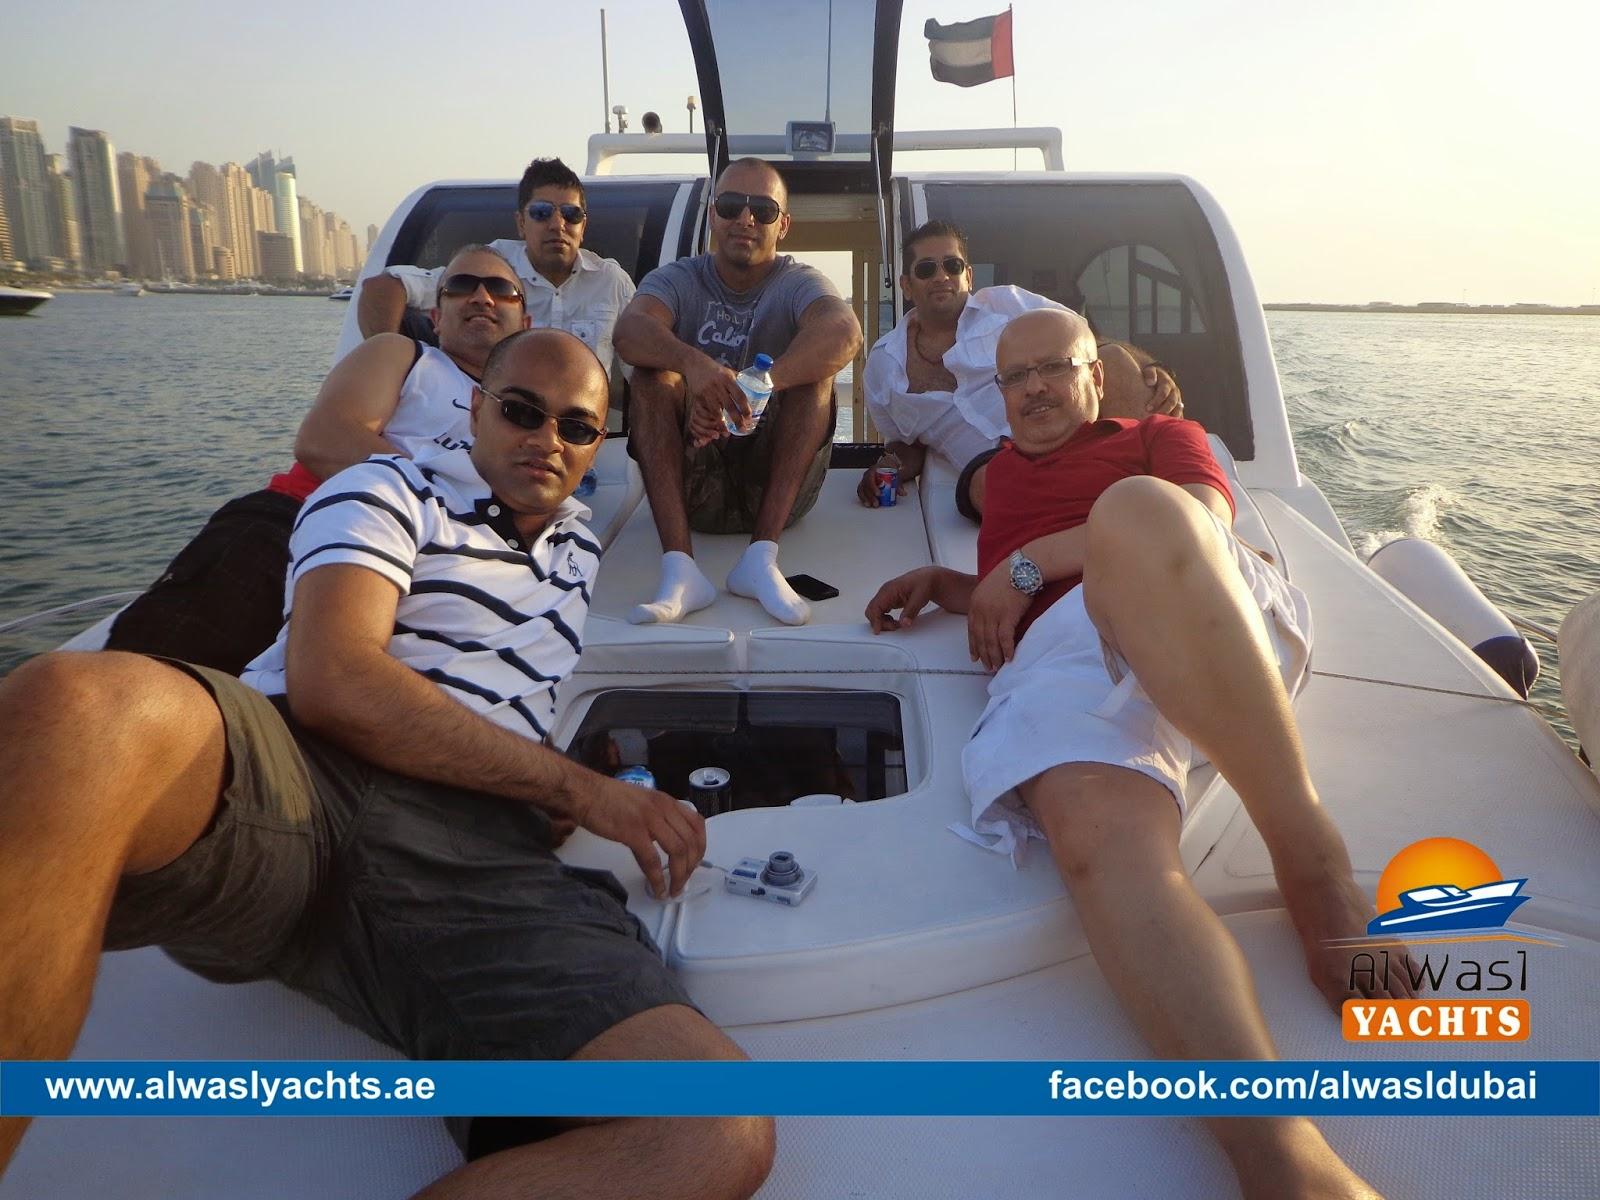 Rent a Yacht Dubai